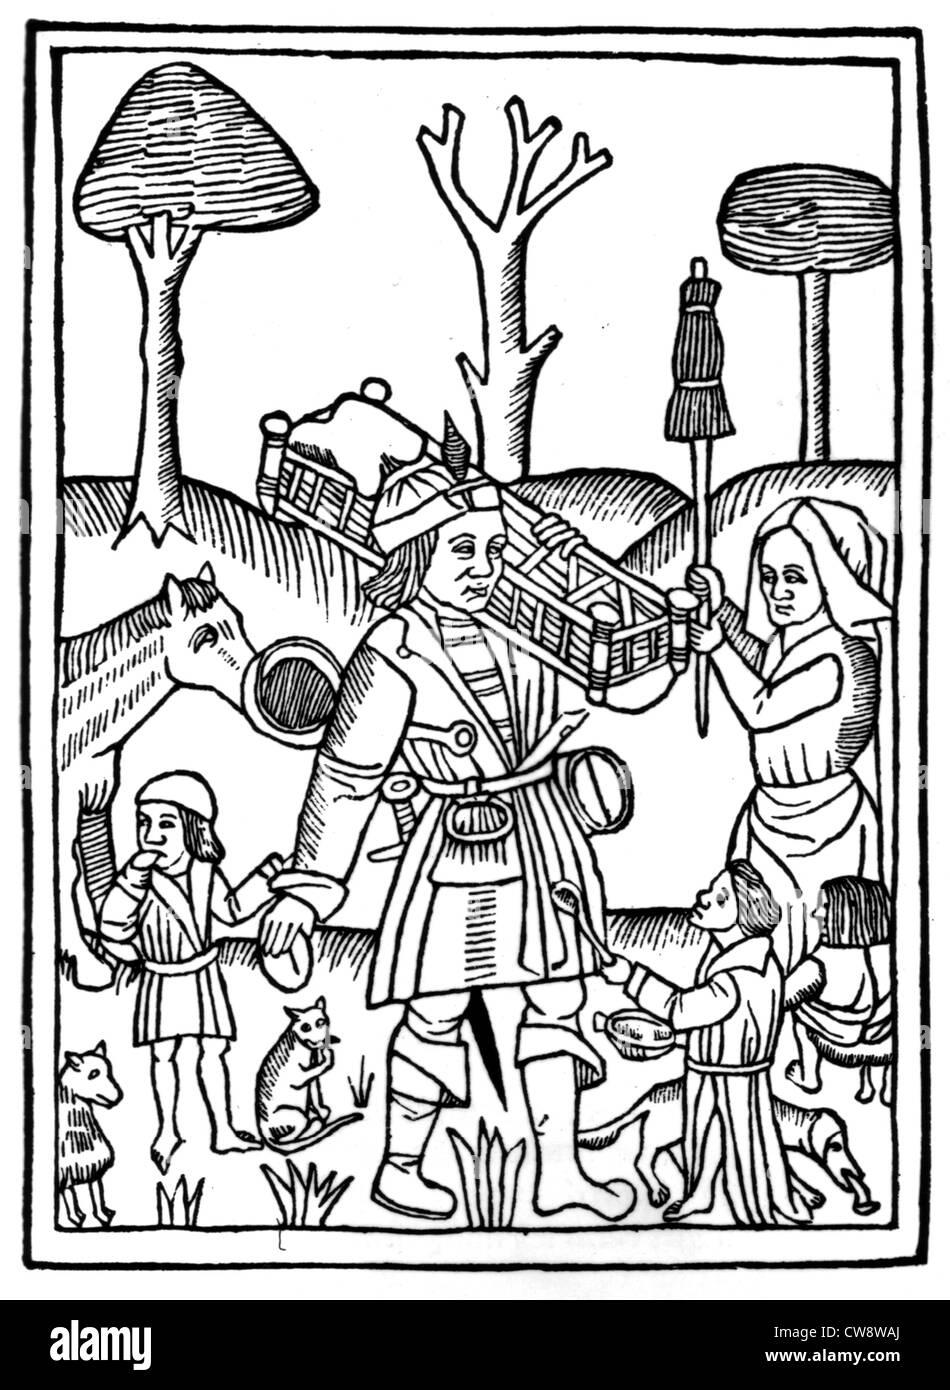 Xilogravura ilustrando o último livro : marido labutando sob ameaça de sua esposa do Roca Imagens de Stock